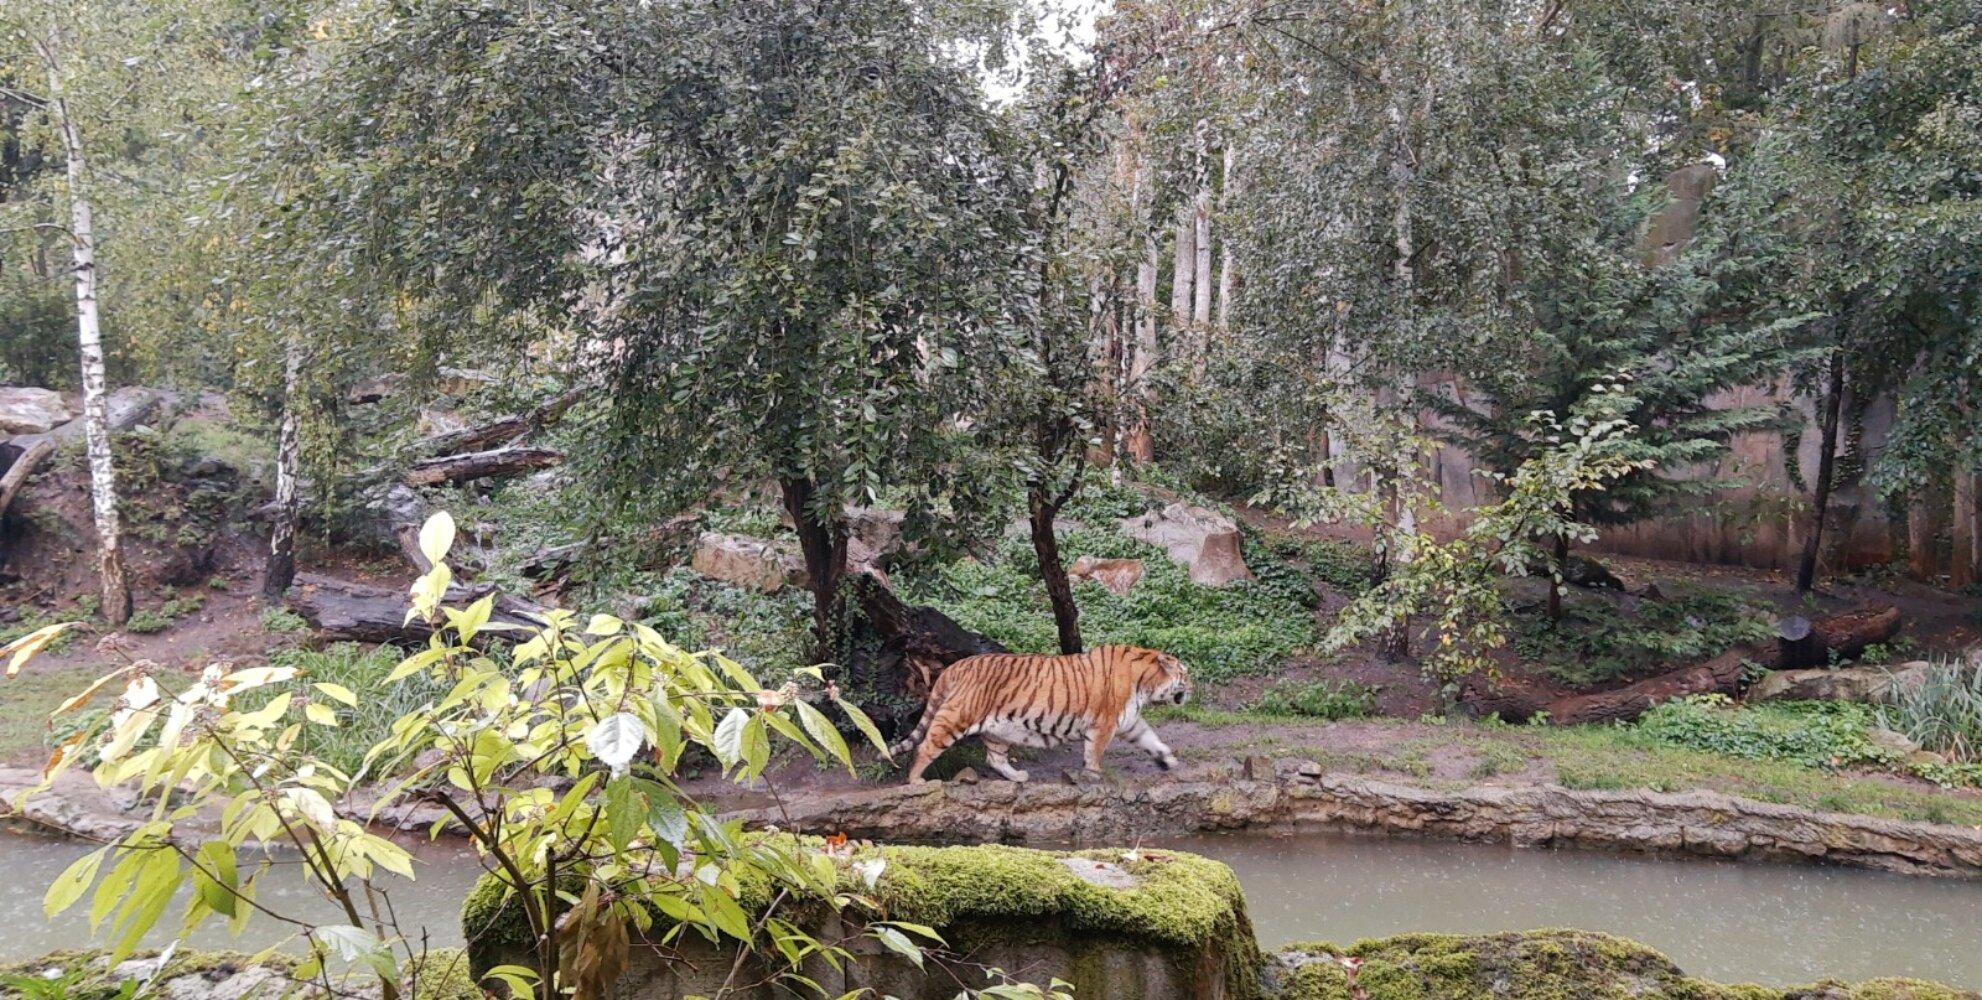 Tiger im Gehege | Leipziger Zoo© SK